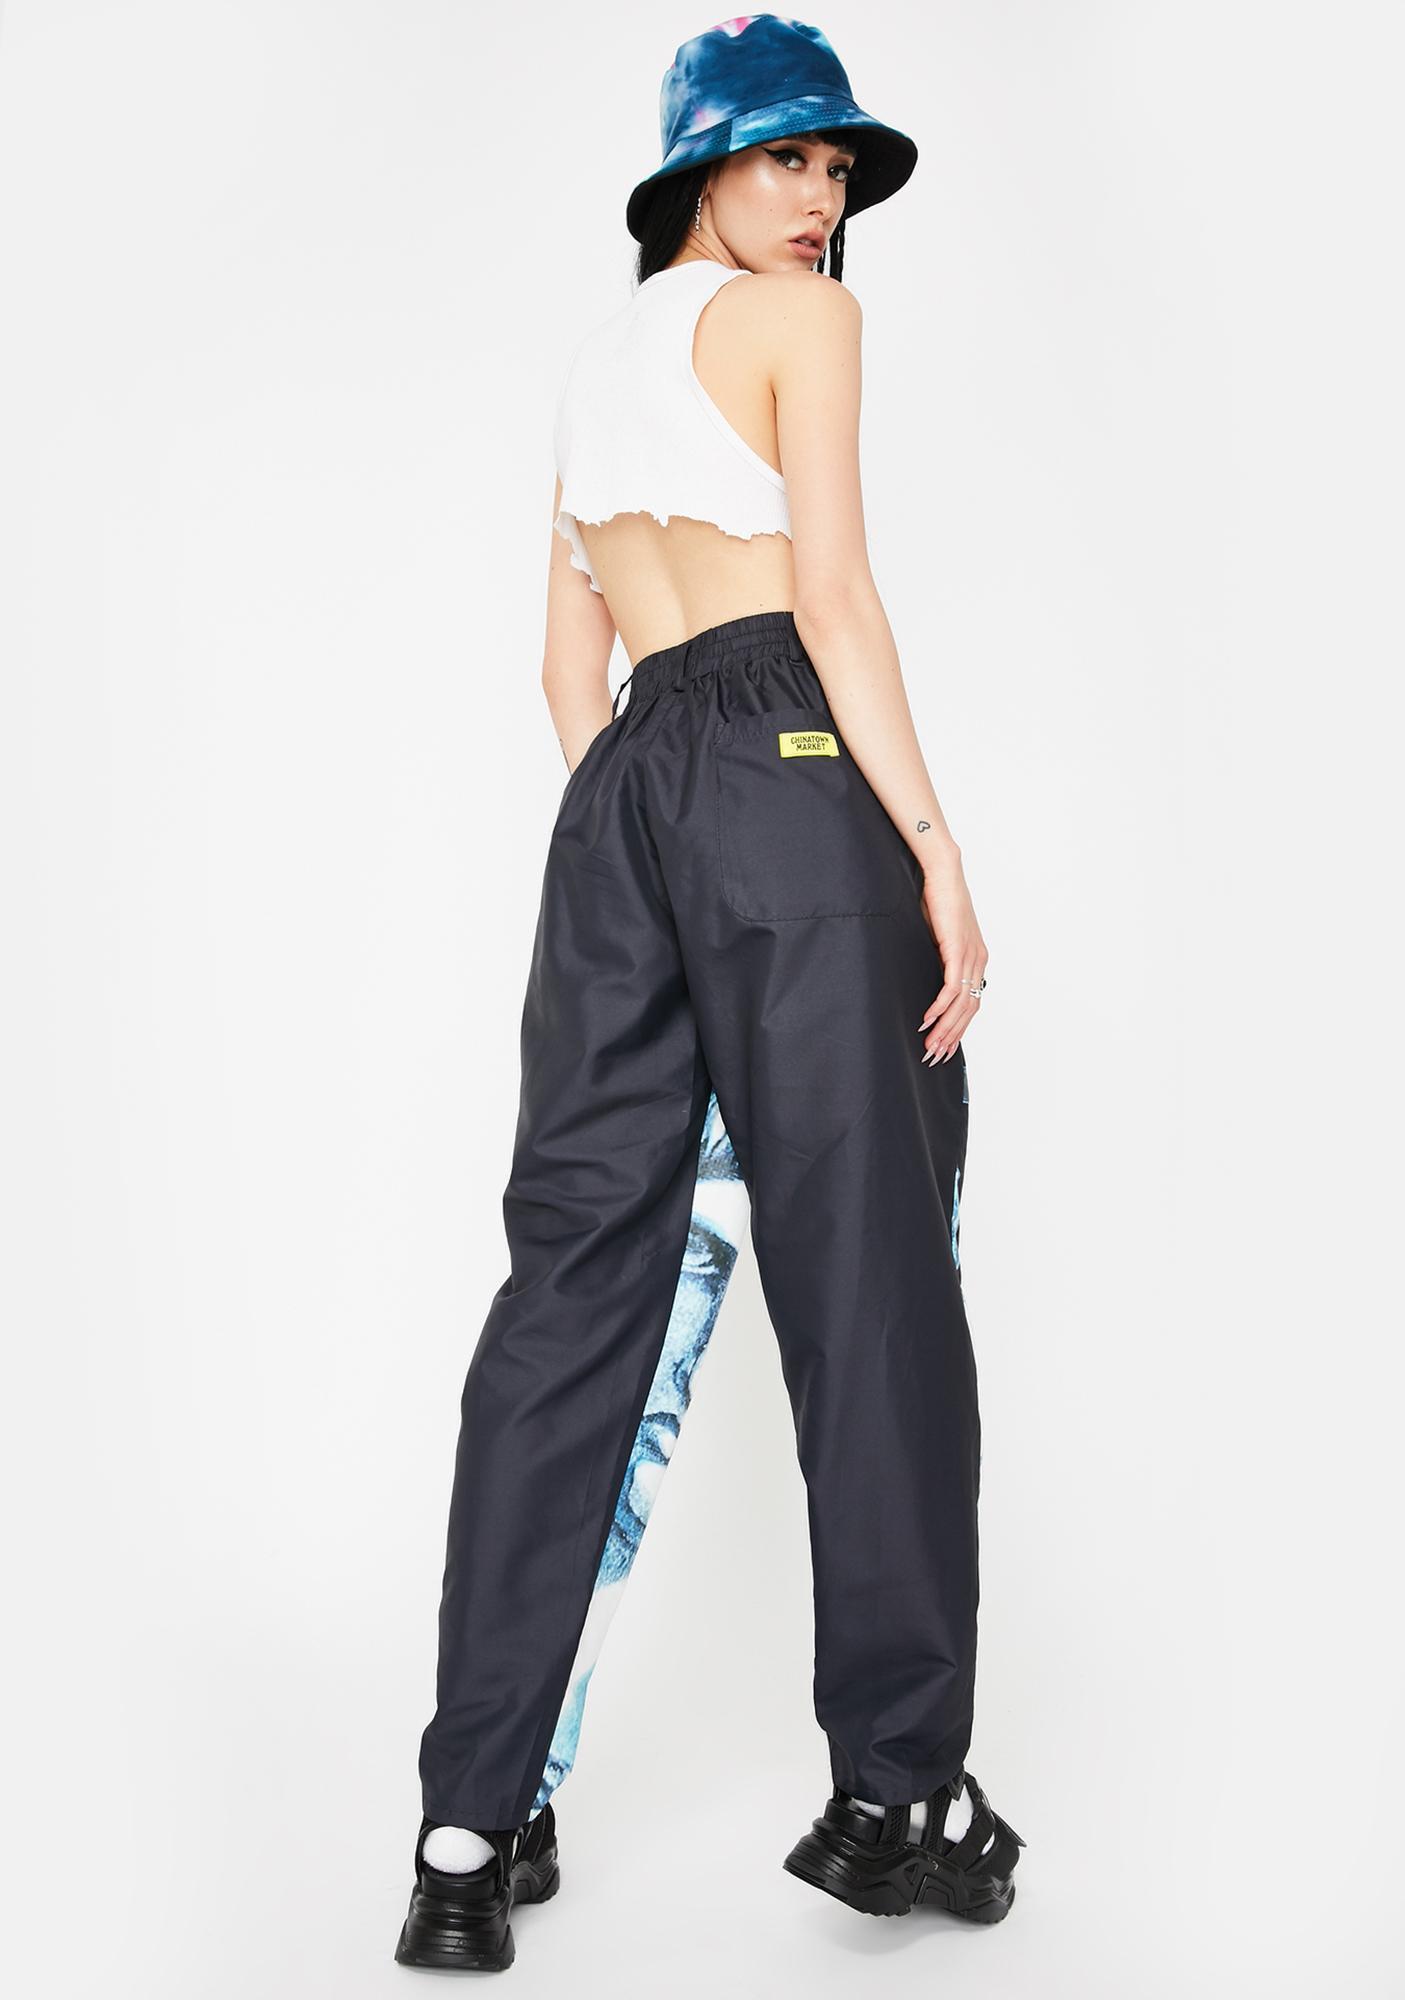 CHINATOWN MARKET NYC Lounge Pants